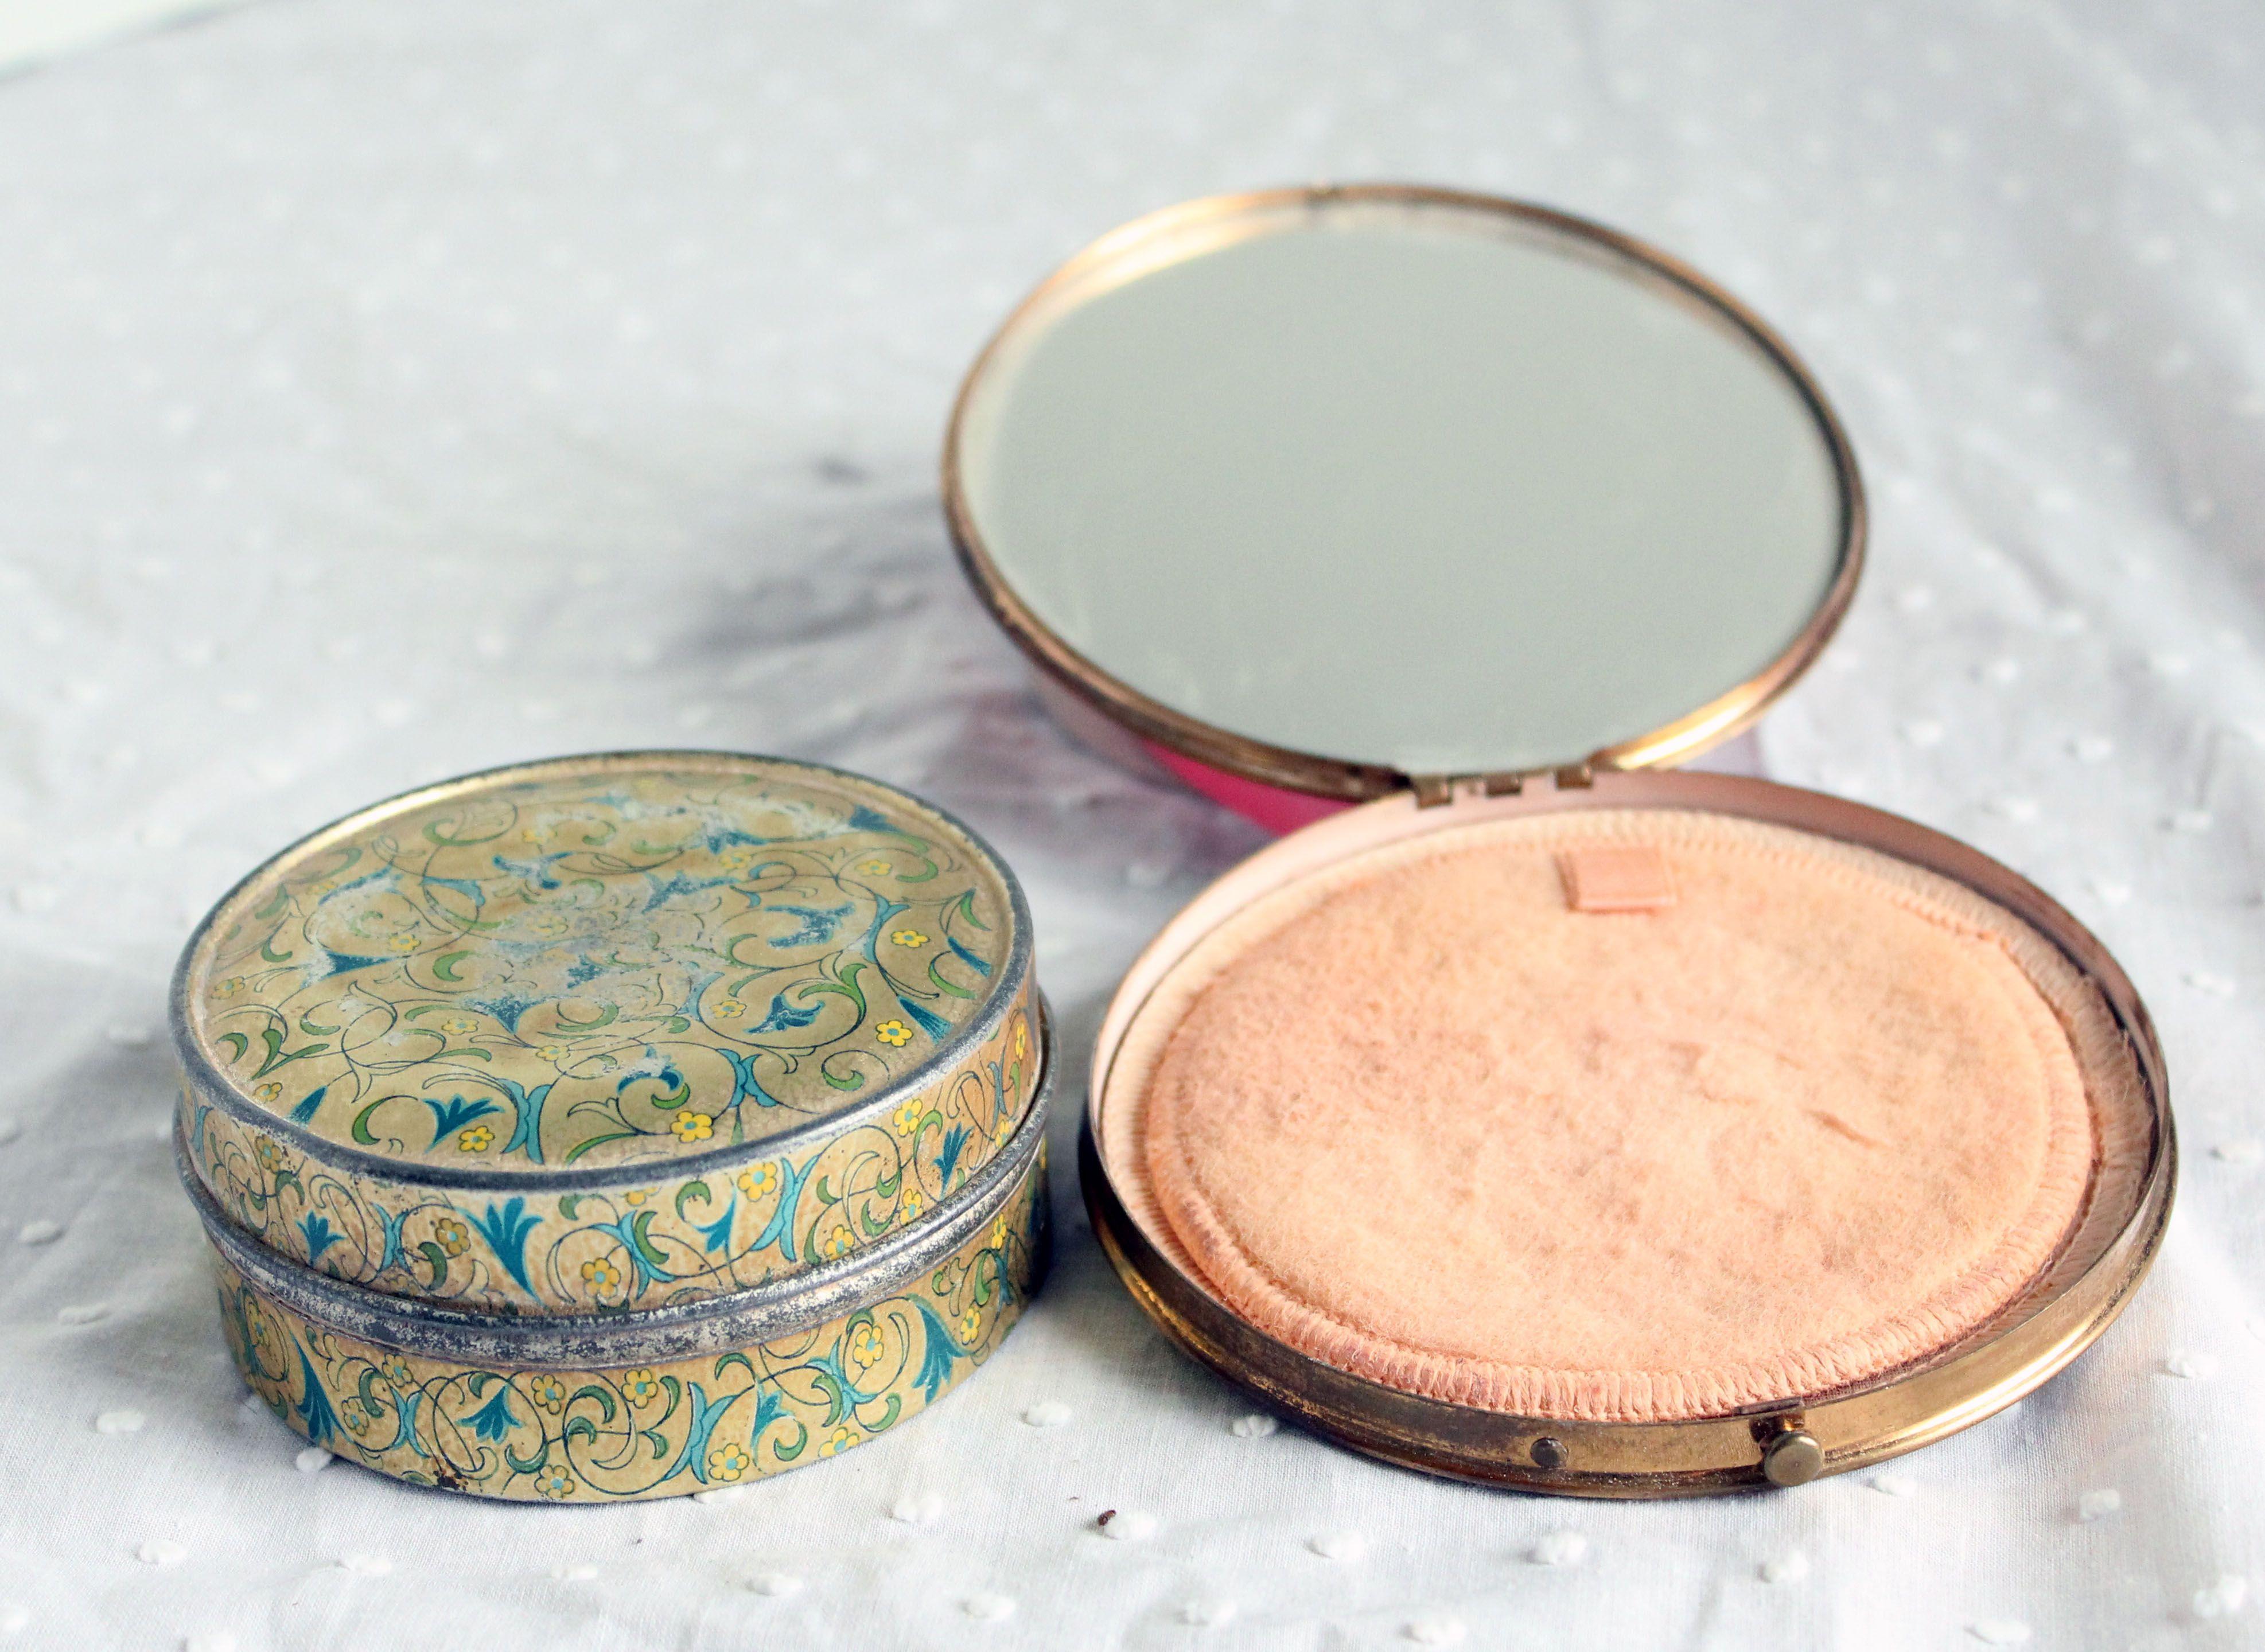 1920s Makeup Compact 1920s Makeup Best Makeup Products